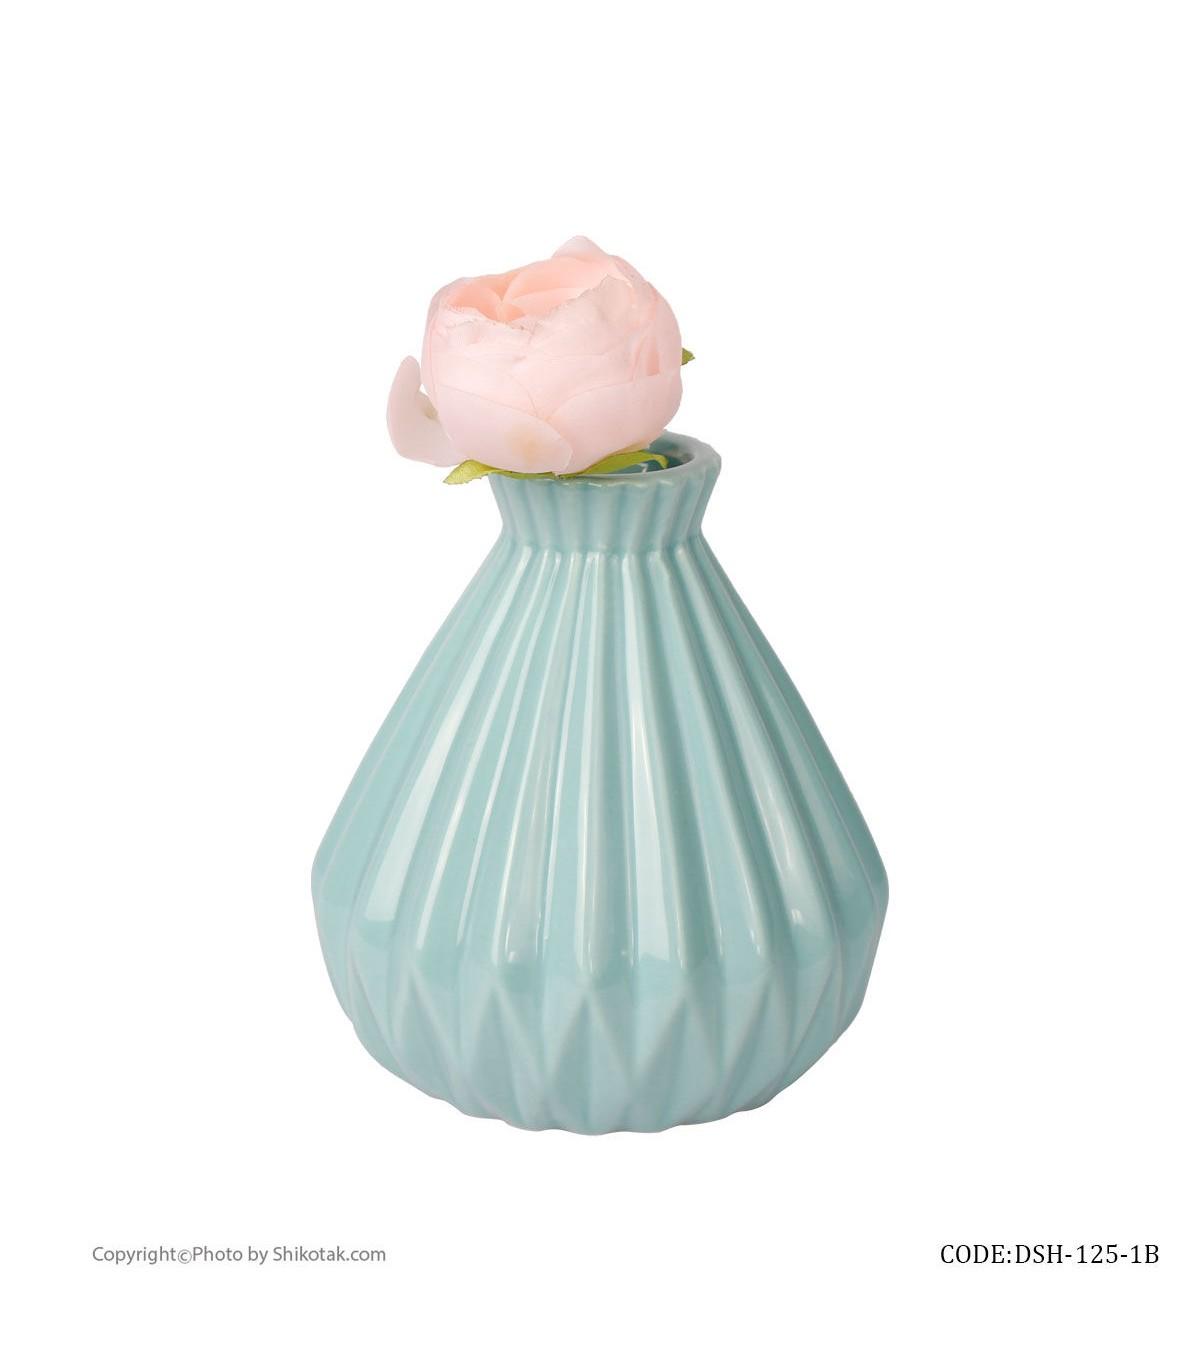 قیمت گلدان آبی سرامیکی شیک و تک سری 125